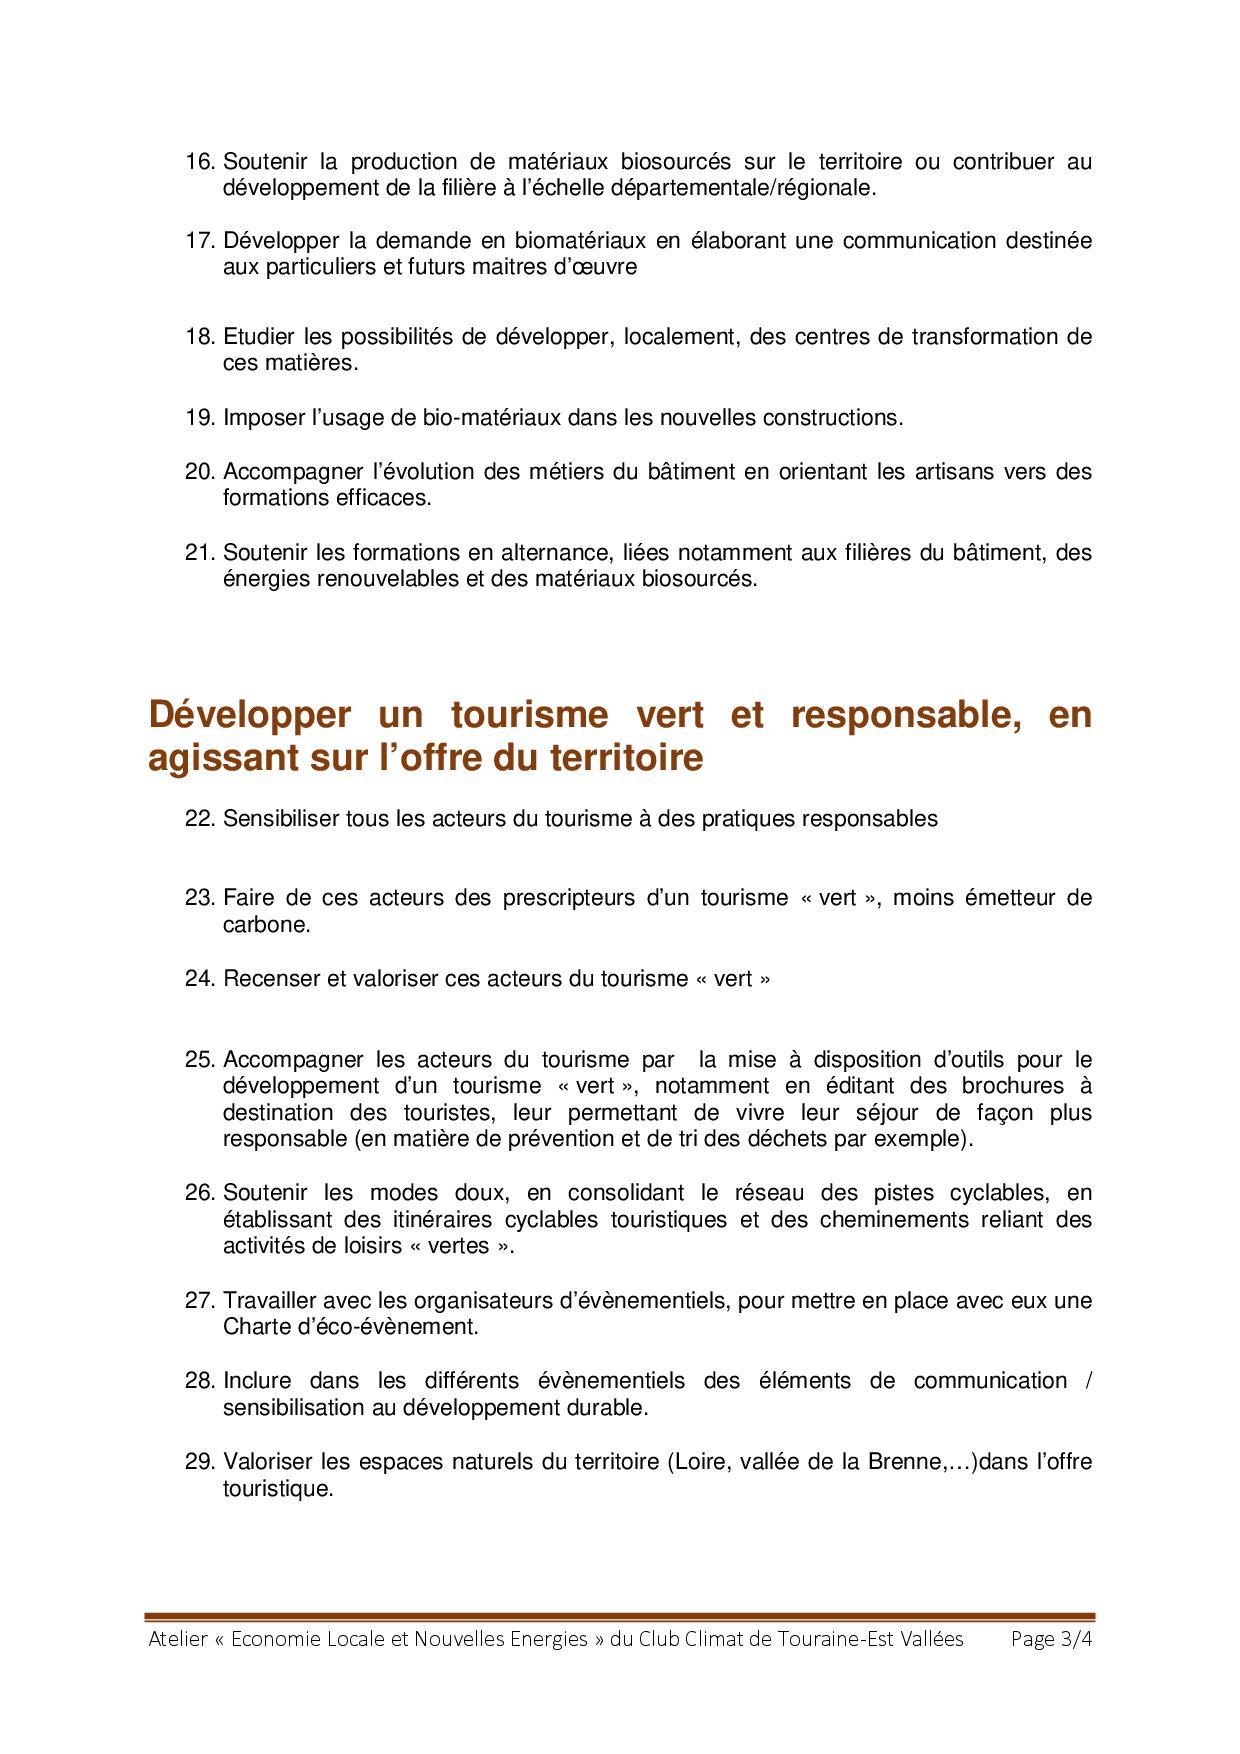 CR_Atelier_4_economie_locale_nouvelles_energies_v23